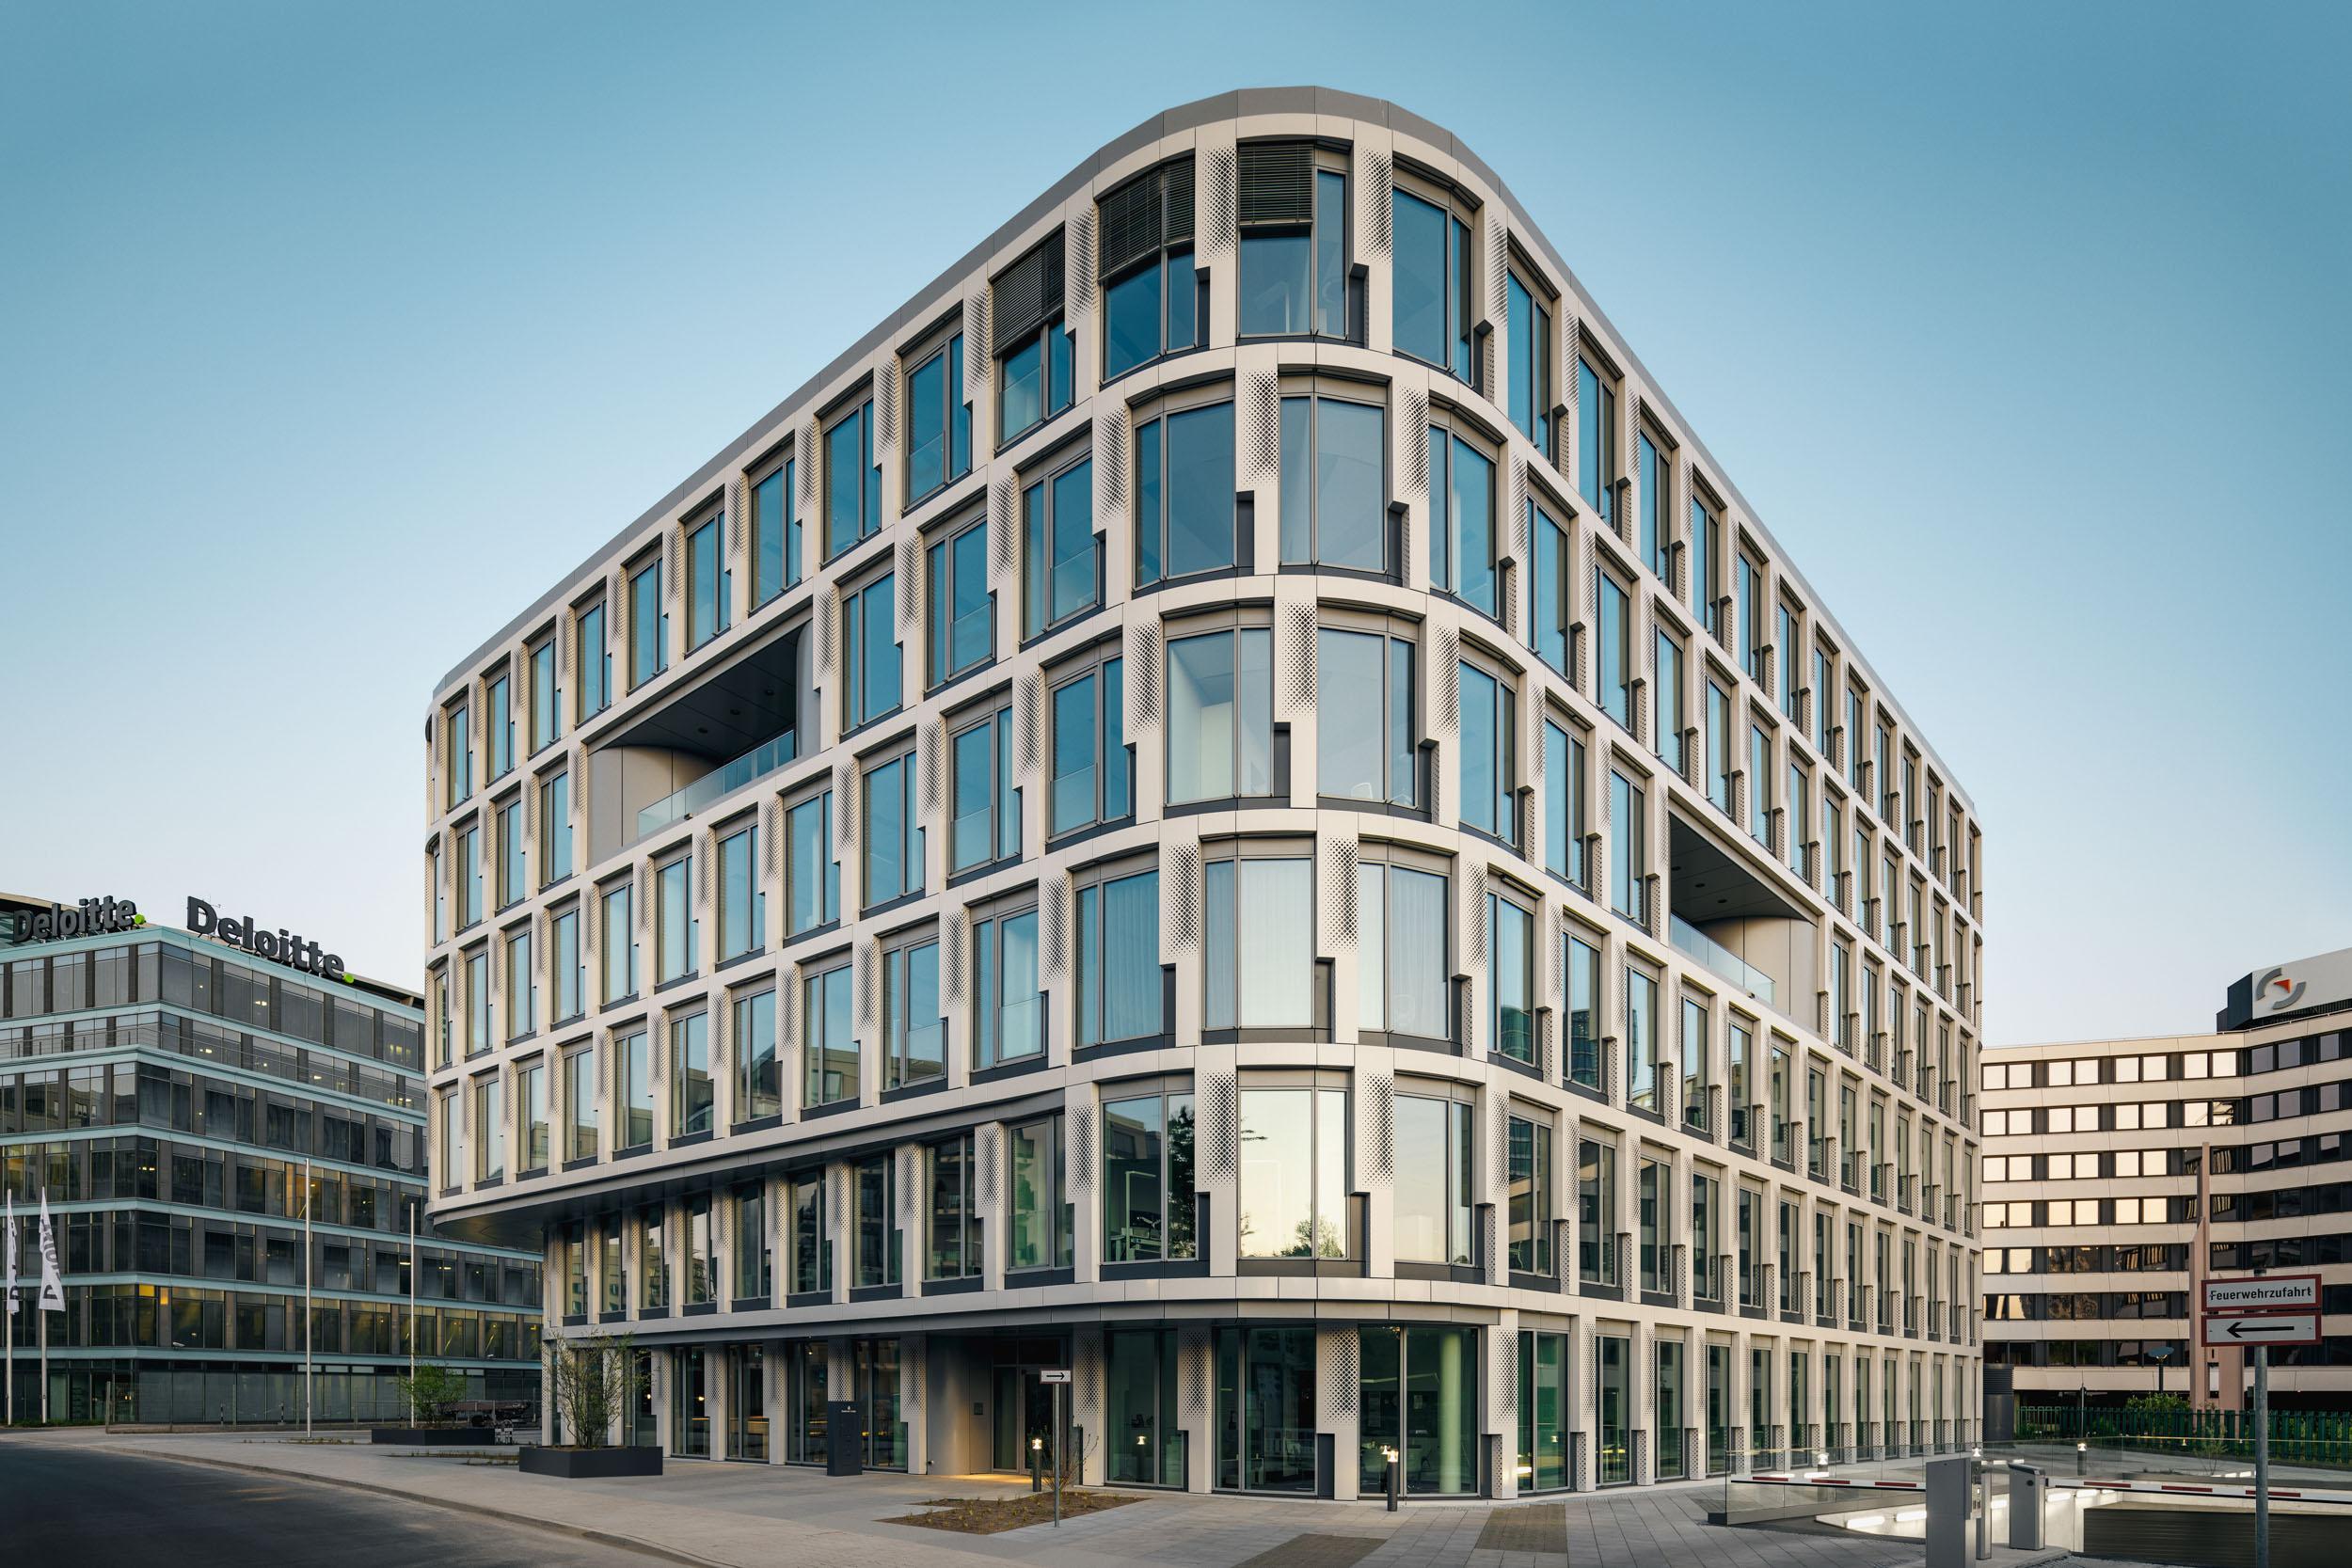 Gustav-Epple-Bauunternehmung-Infinity-Düsseldoef-Schwannstrasse-Architektur-Büro_MLX5720